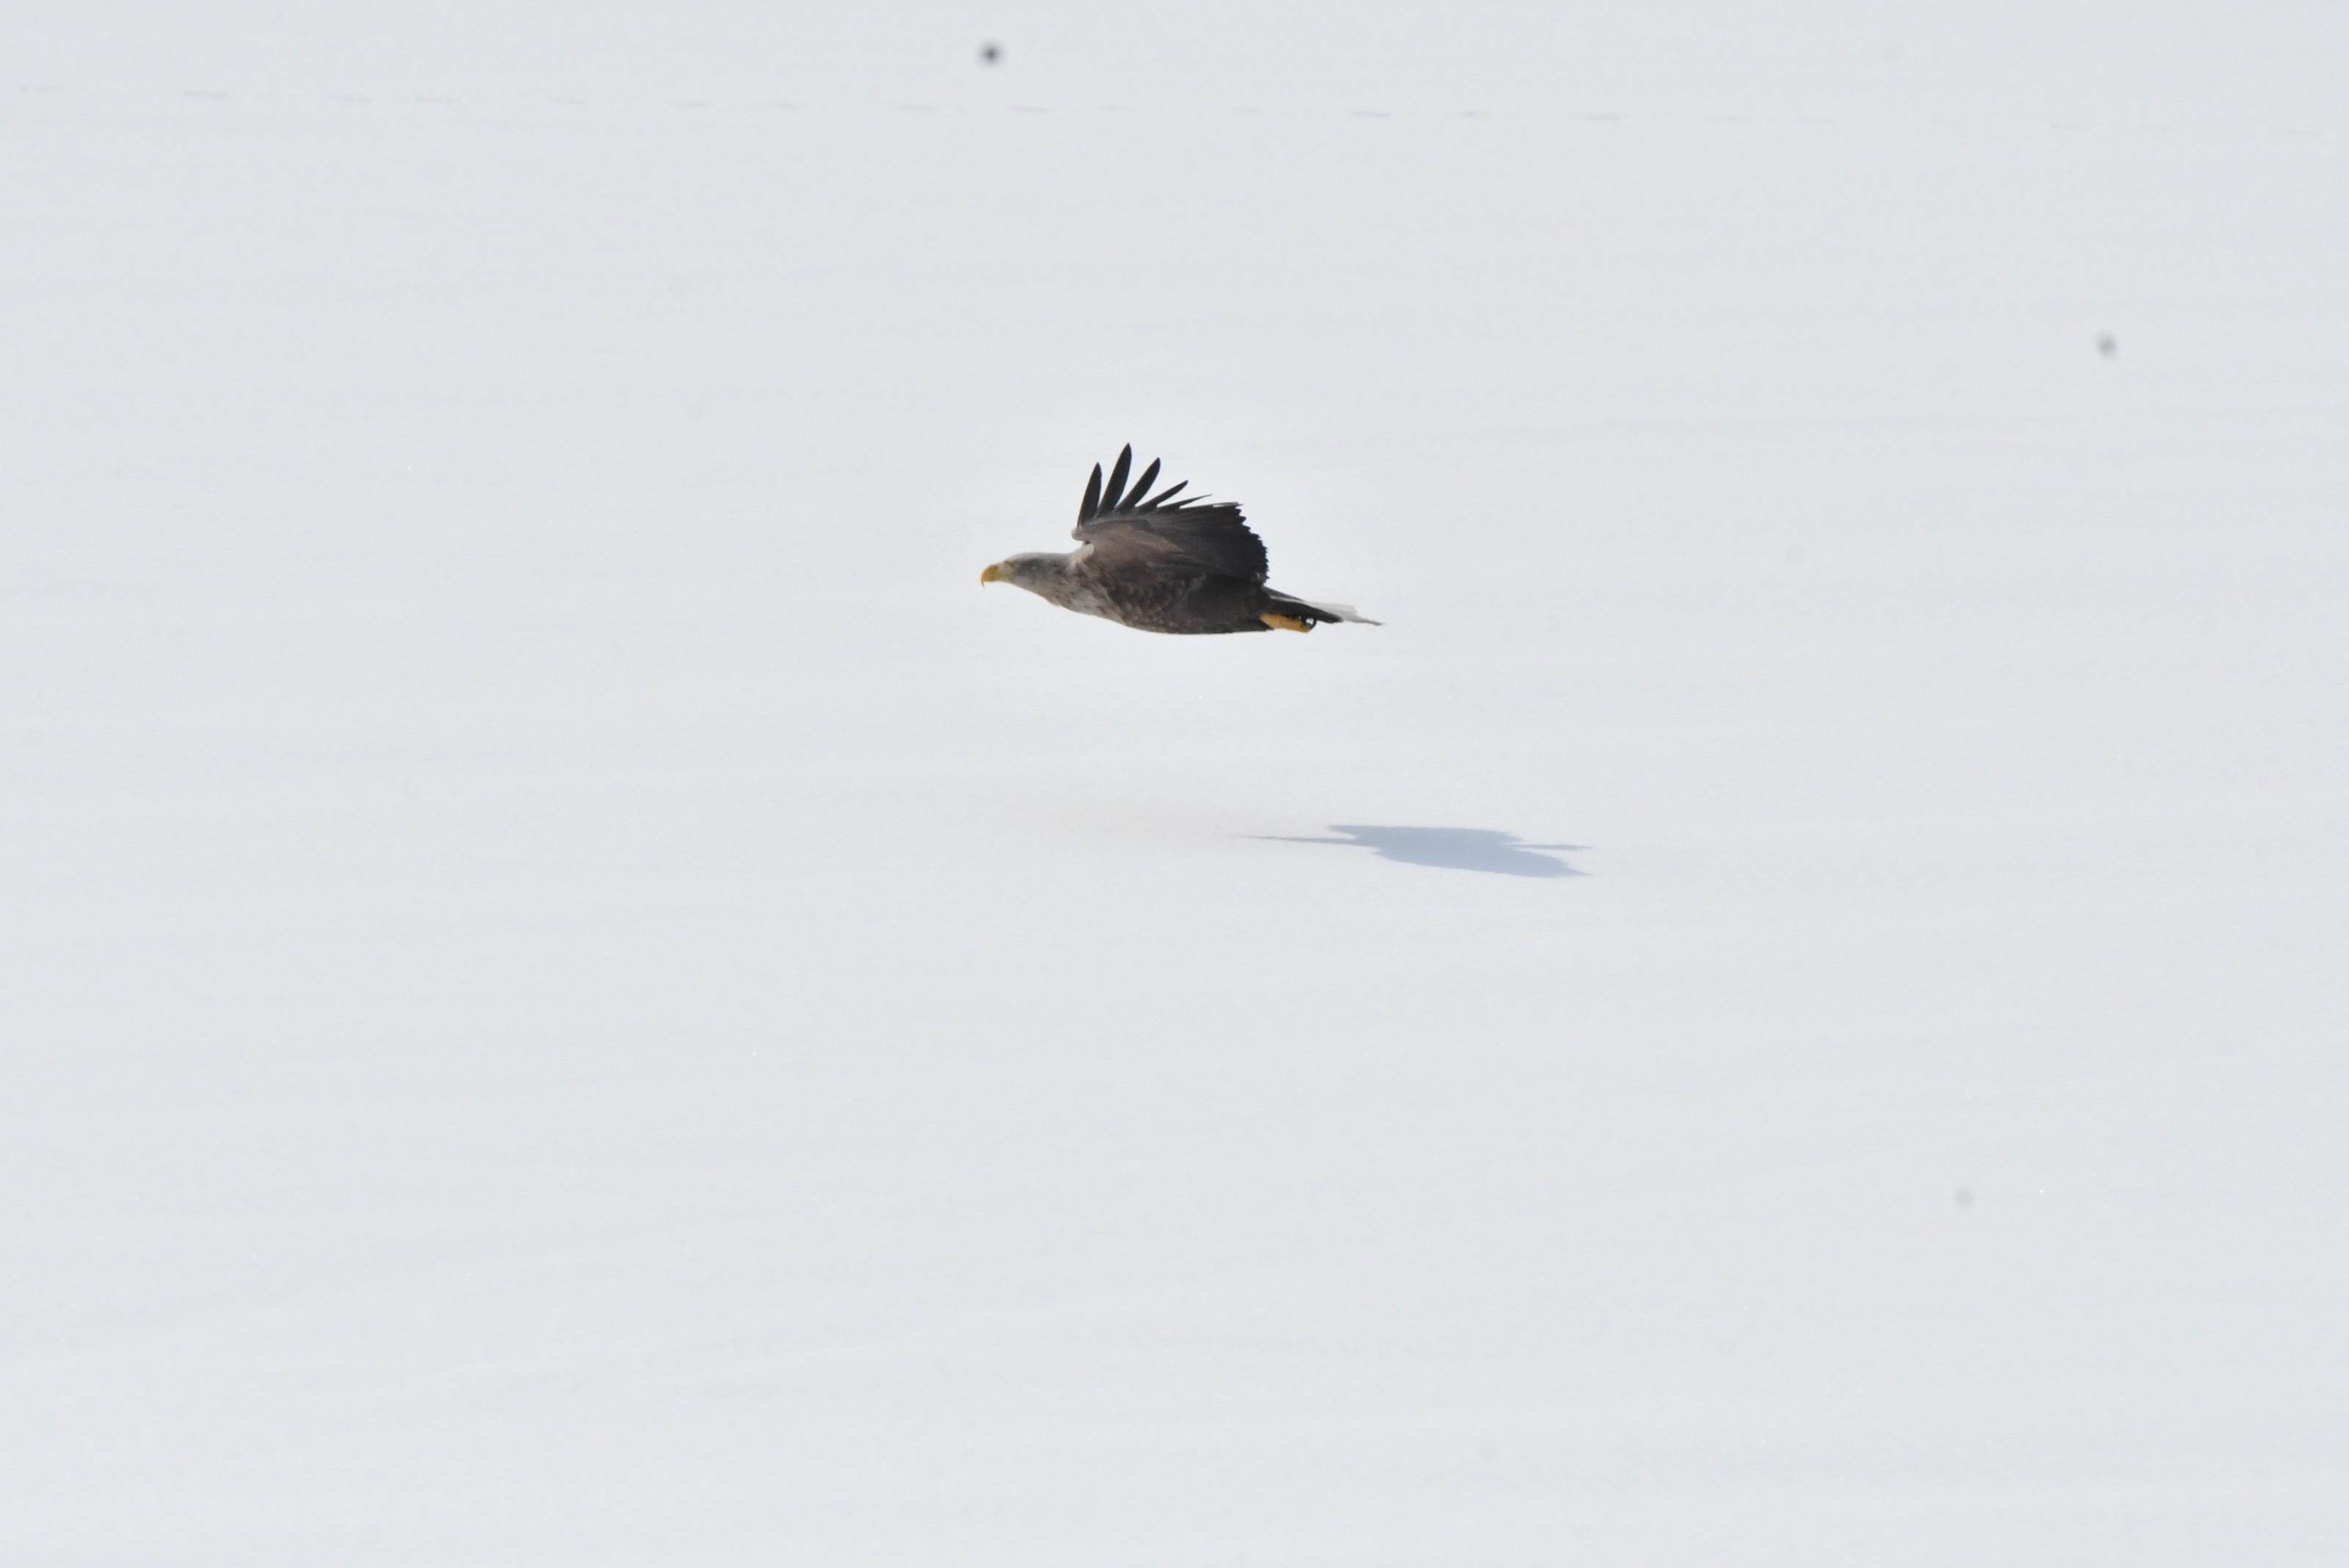 雪原を飛ぶオジロワシ成鳥